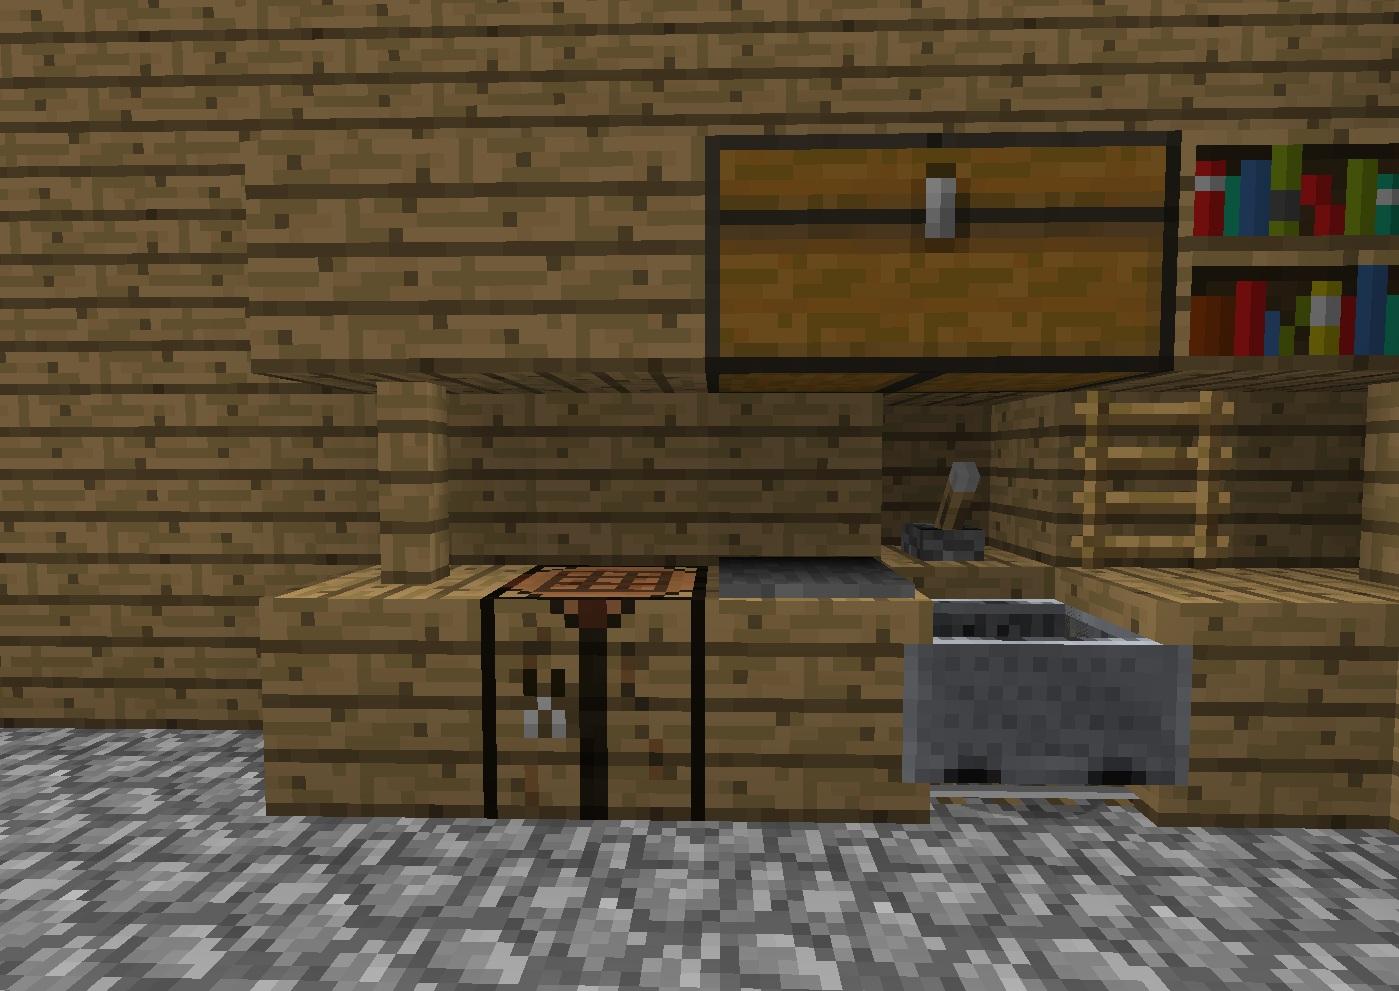 Kitchen Minecraftdesign Wiki